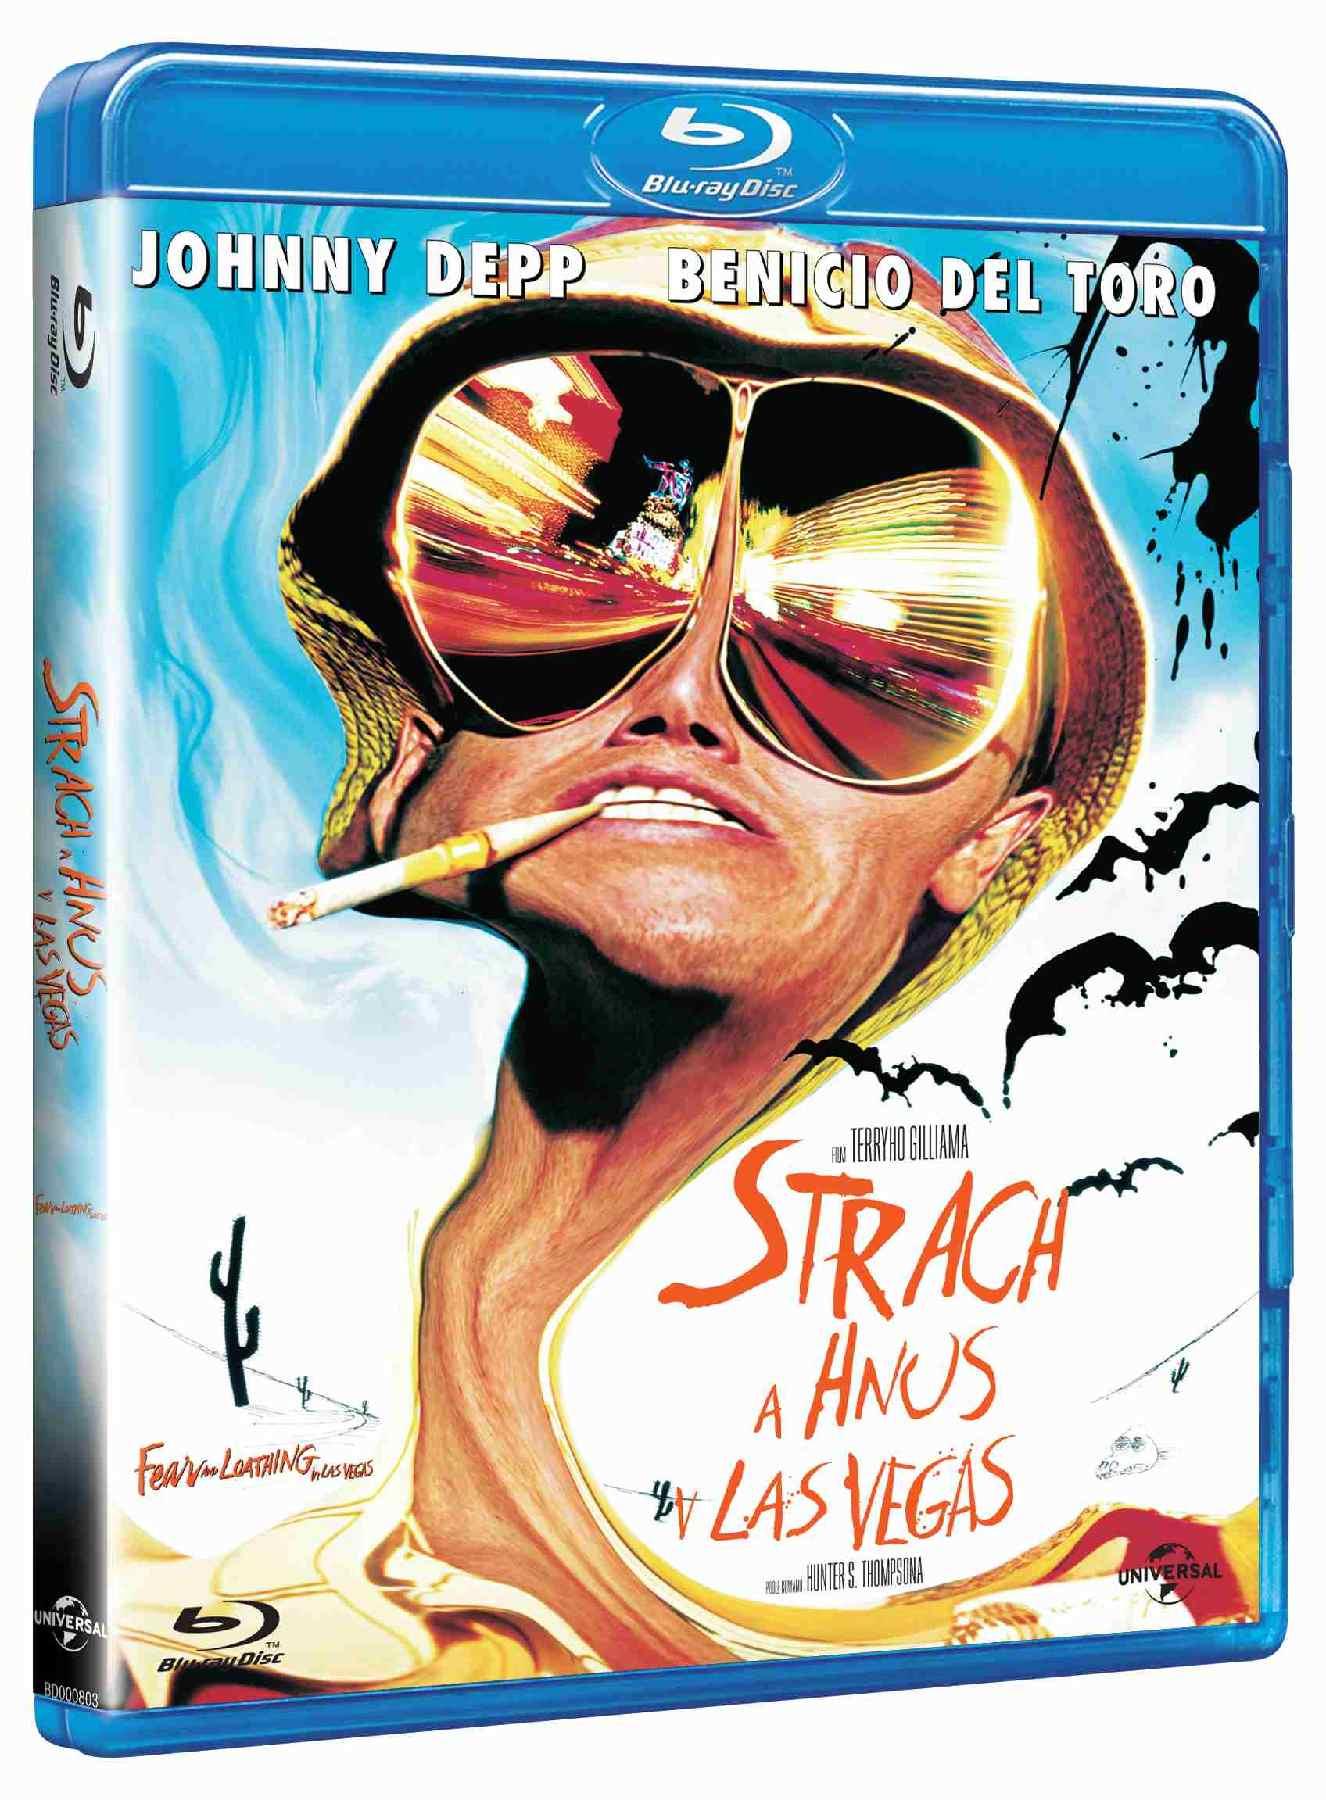 STRACH A HNUS V LAS VEGAS - Blu-ray